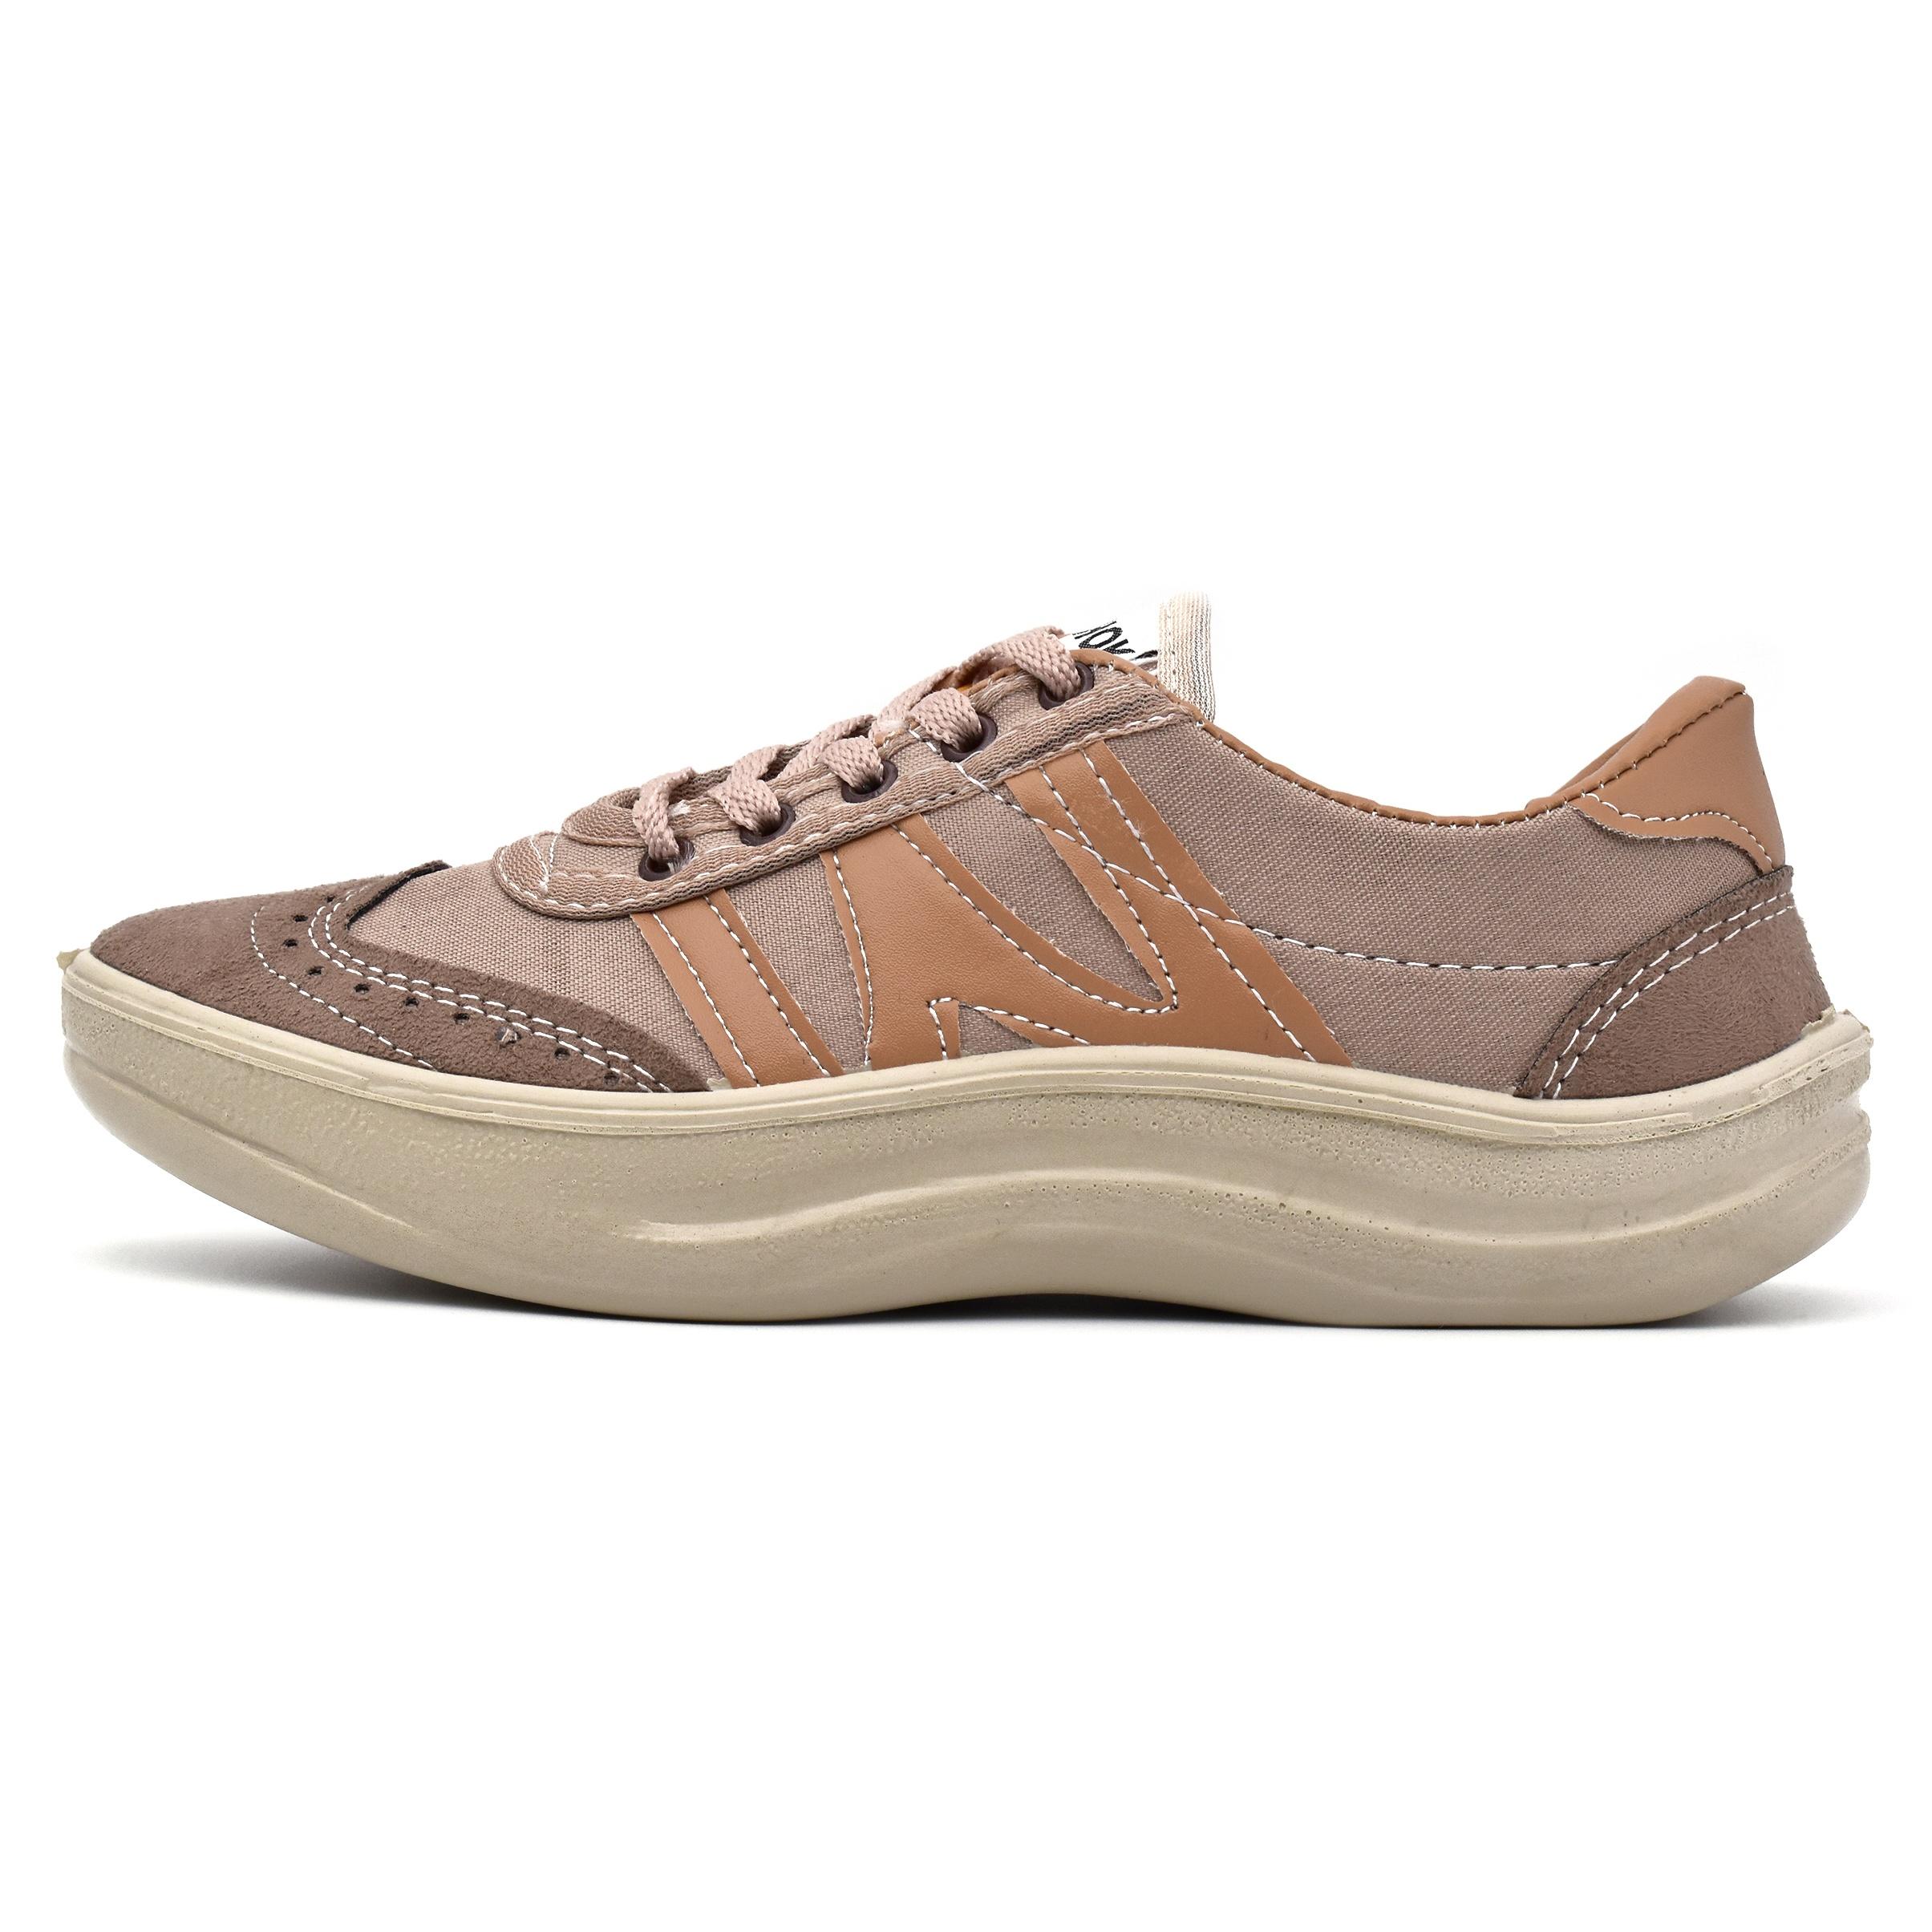 کفش مخصوص پیاده روی مردانه کد 4891